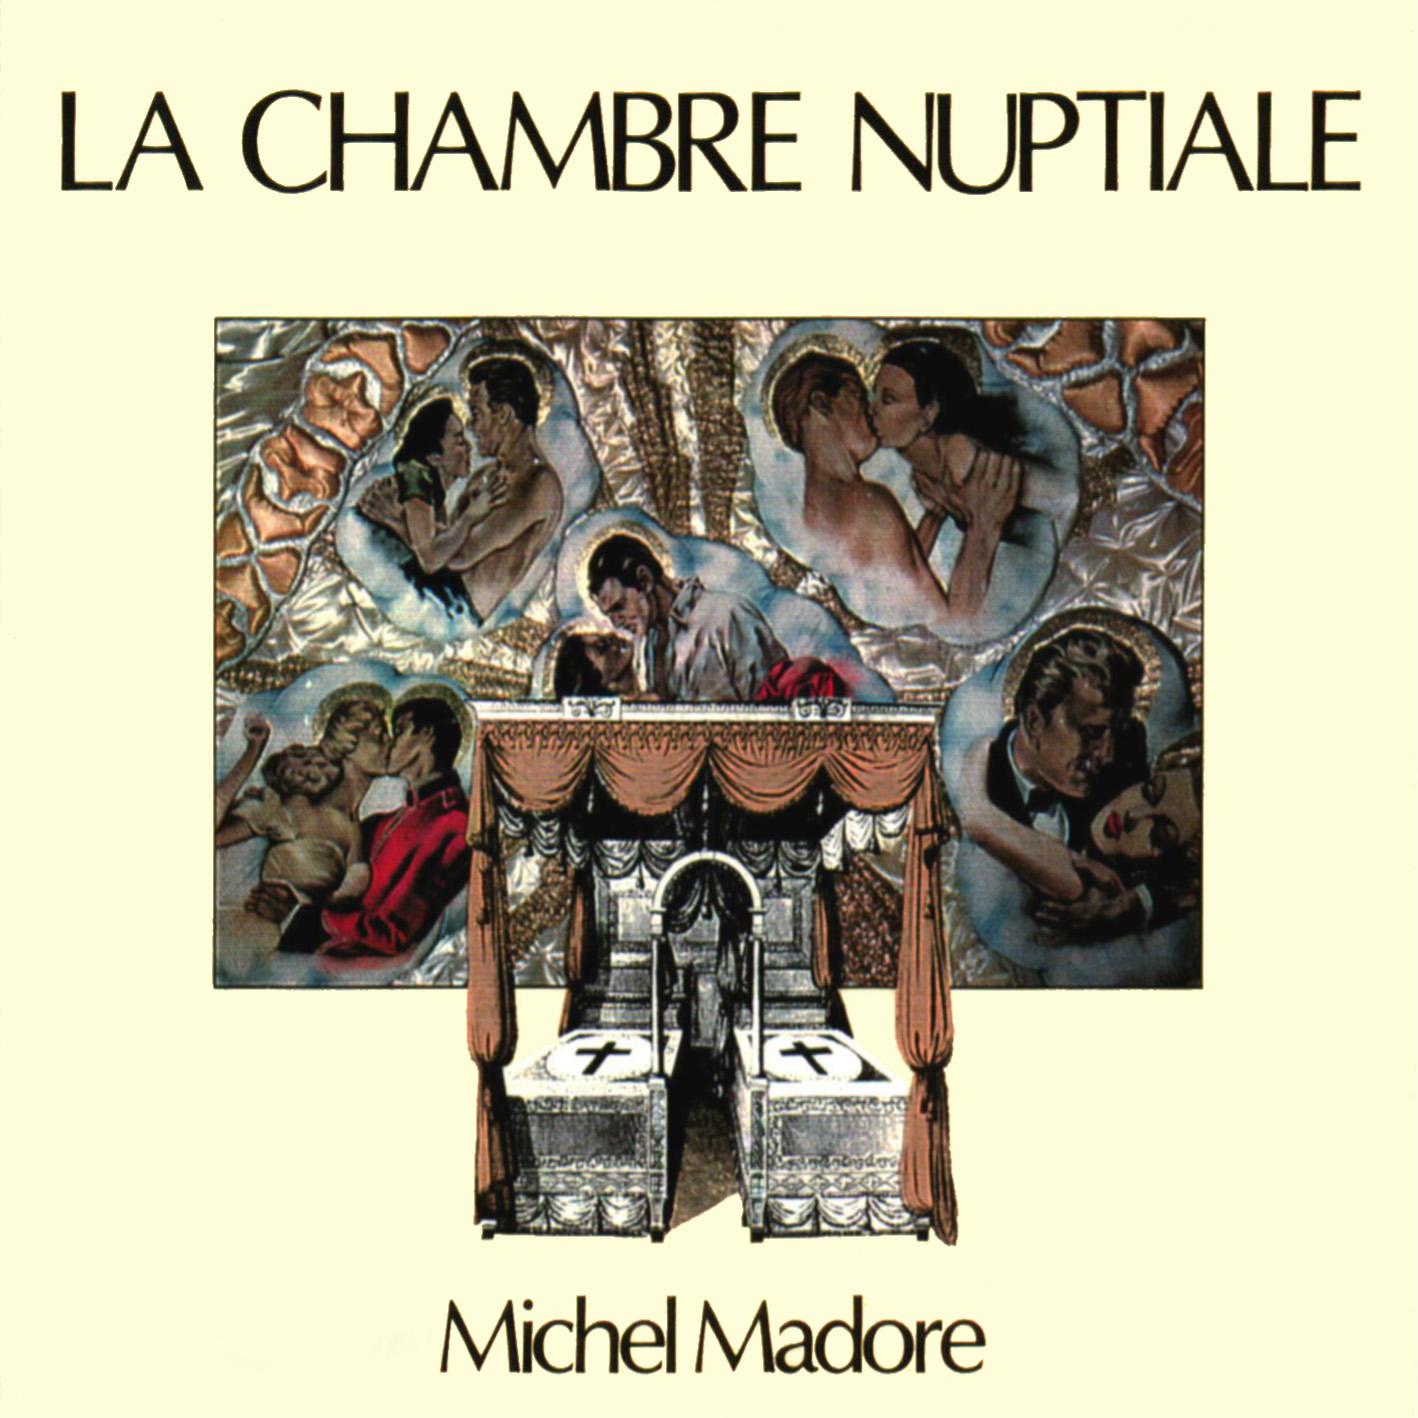 Les disques l p michel madore la chambre nuptiale for Chambre nuptiale